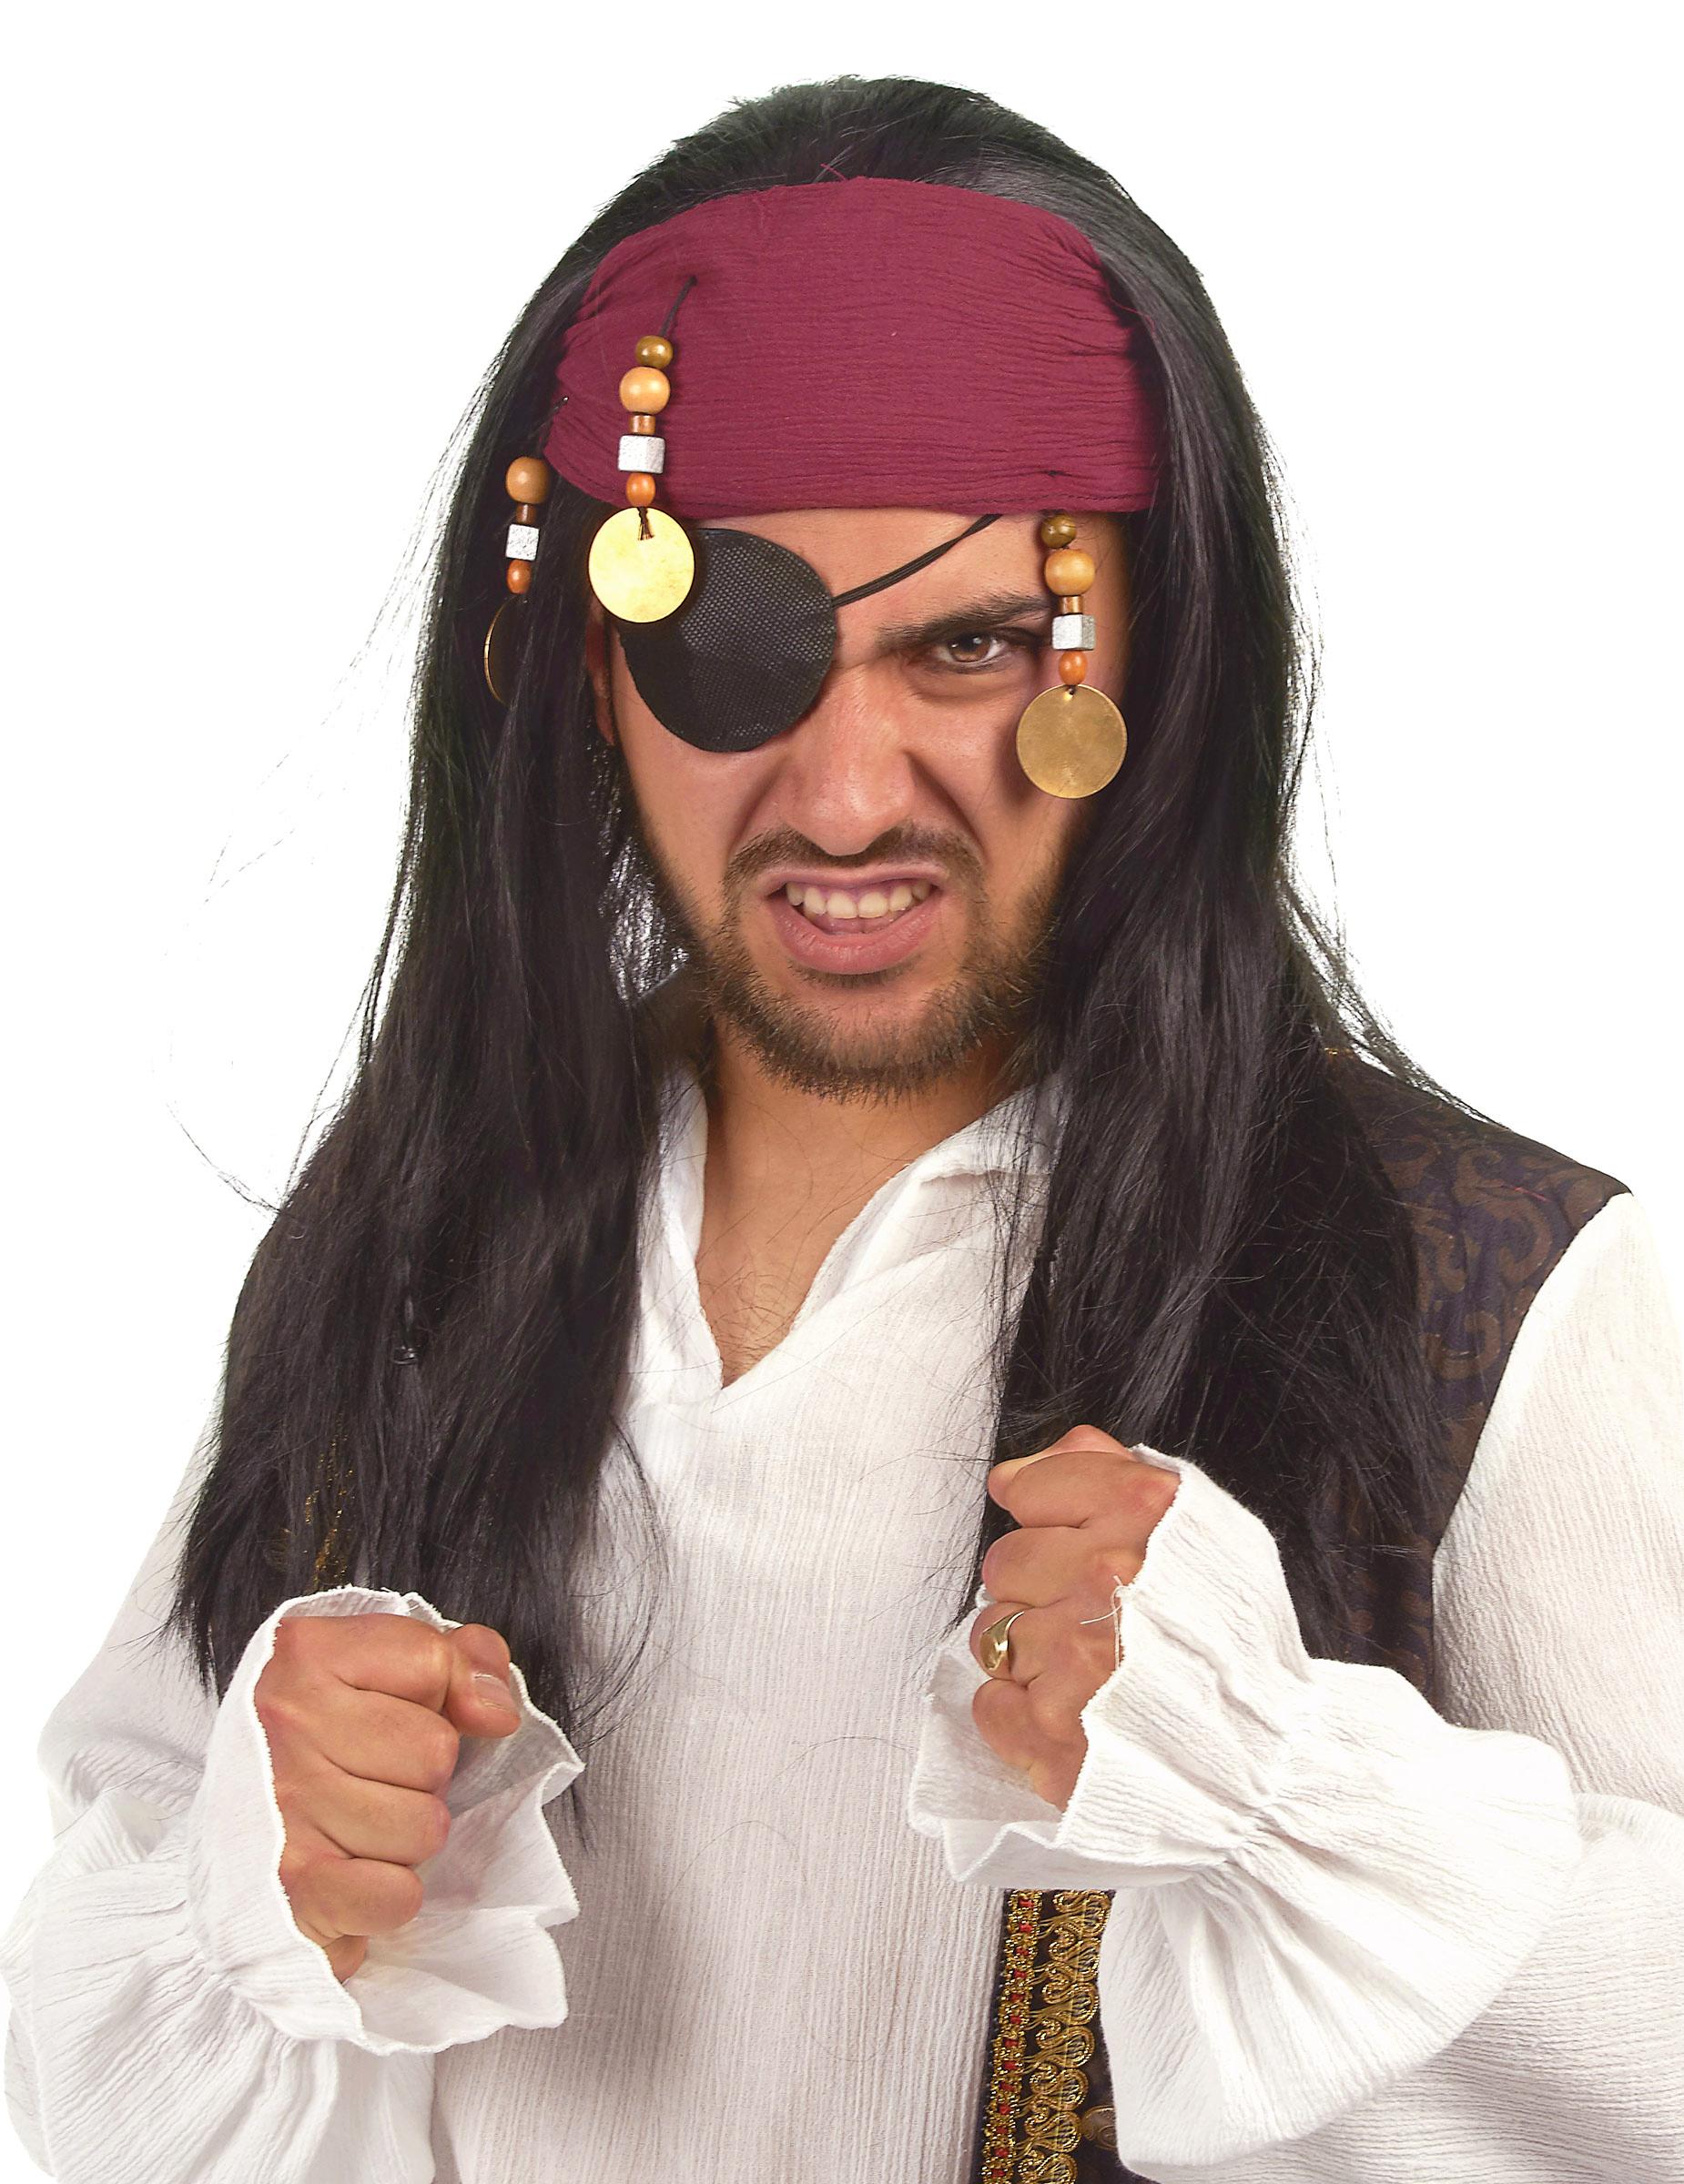 Piraten-Perücke für Erwachsene 37631